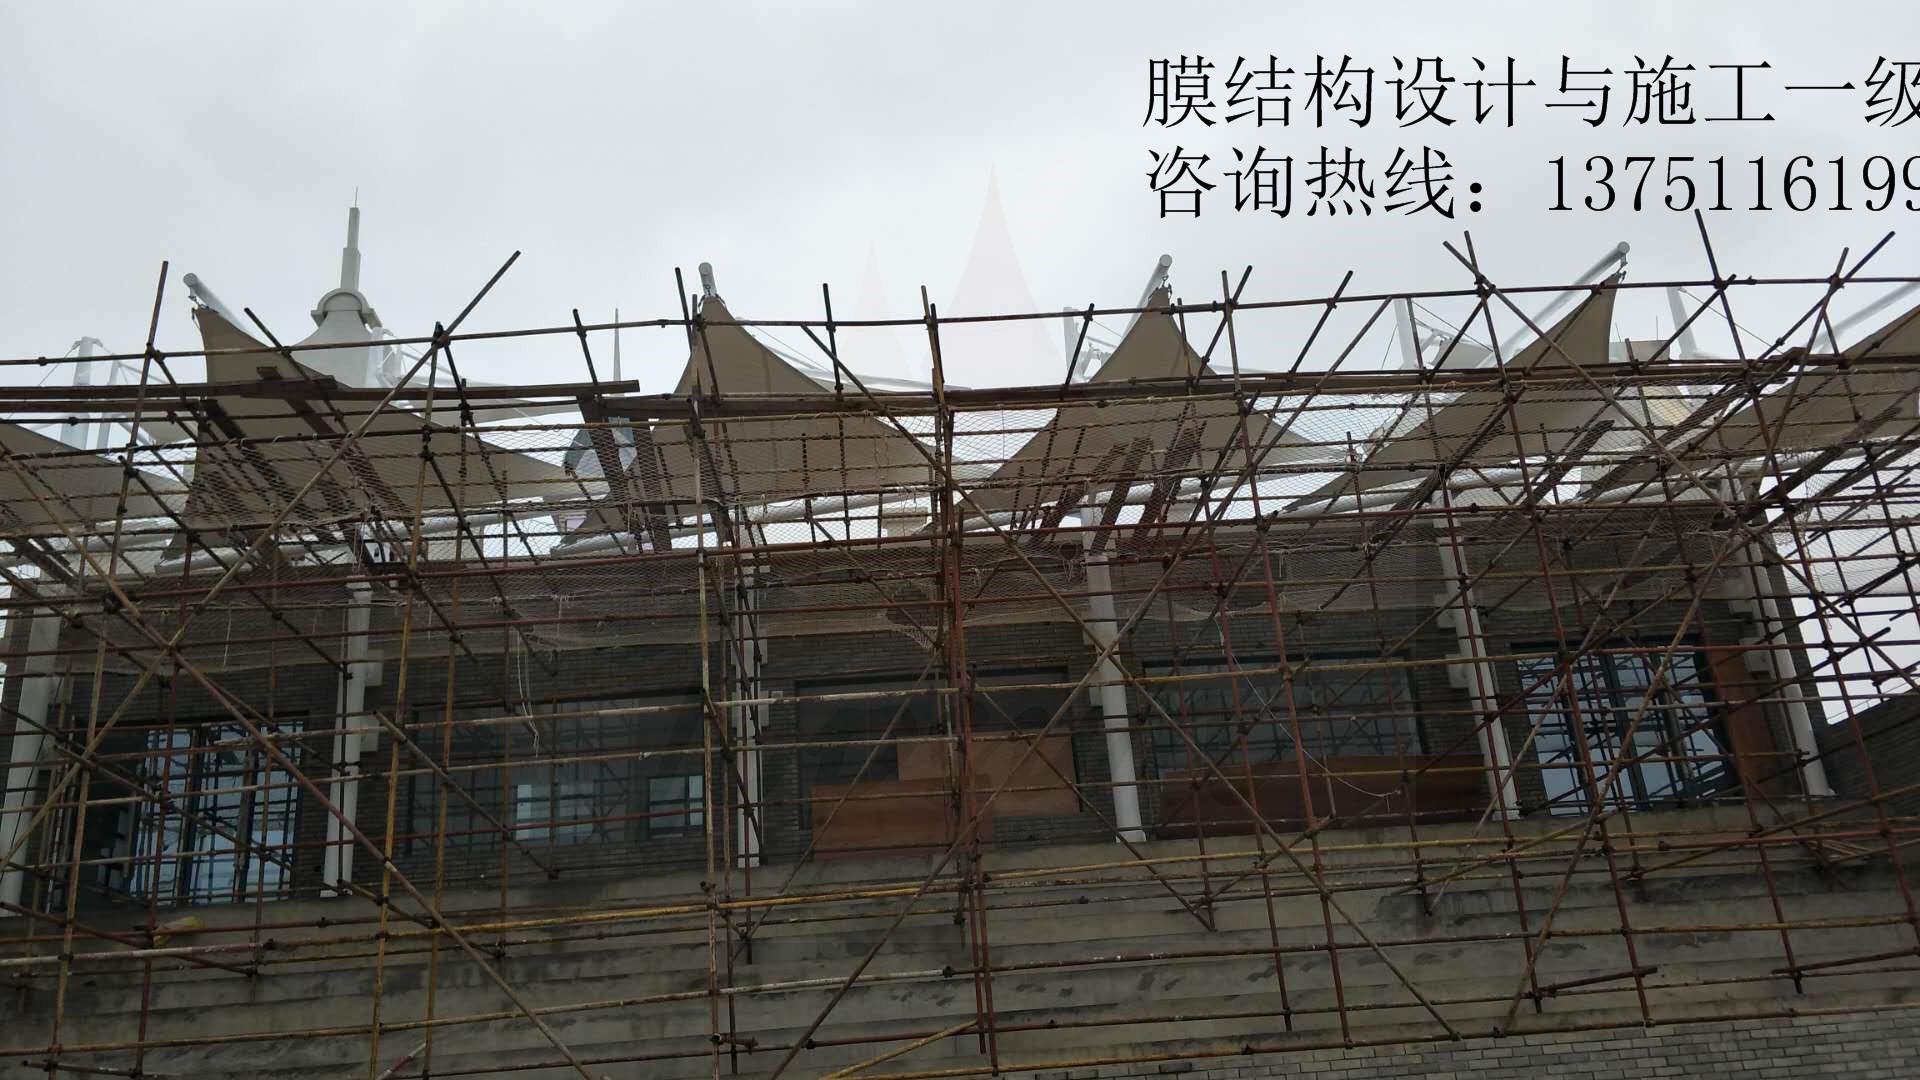 海南长影 (1).jpg